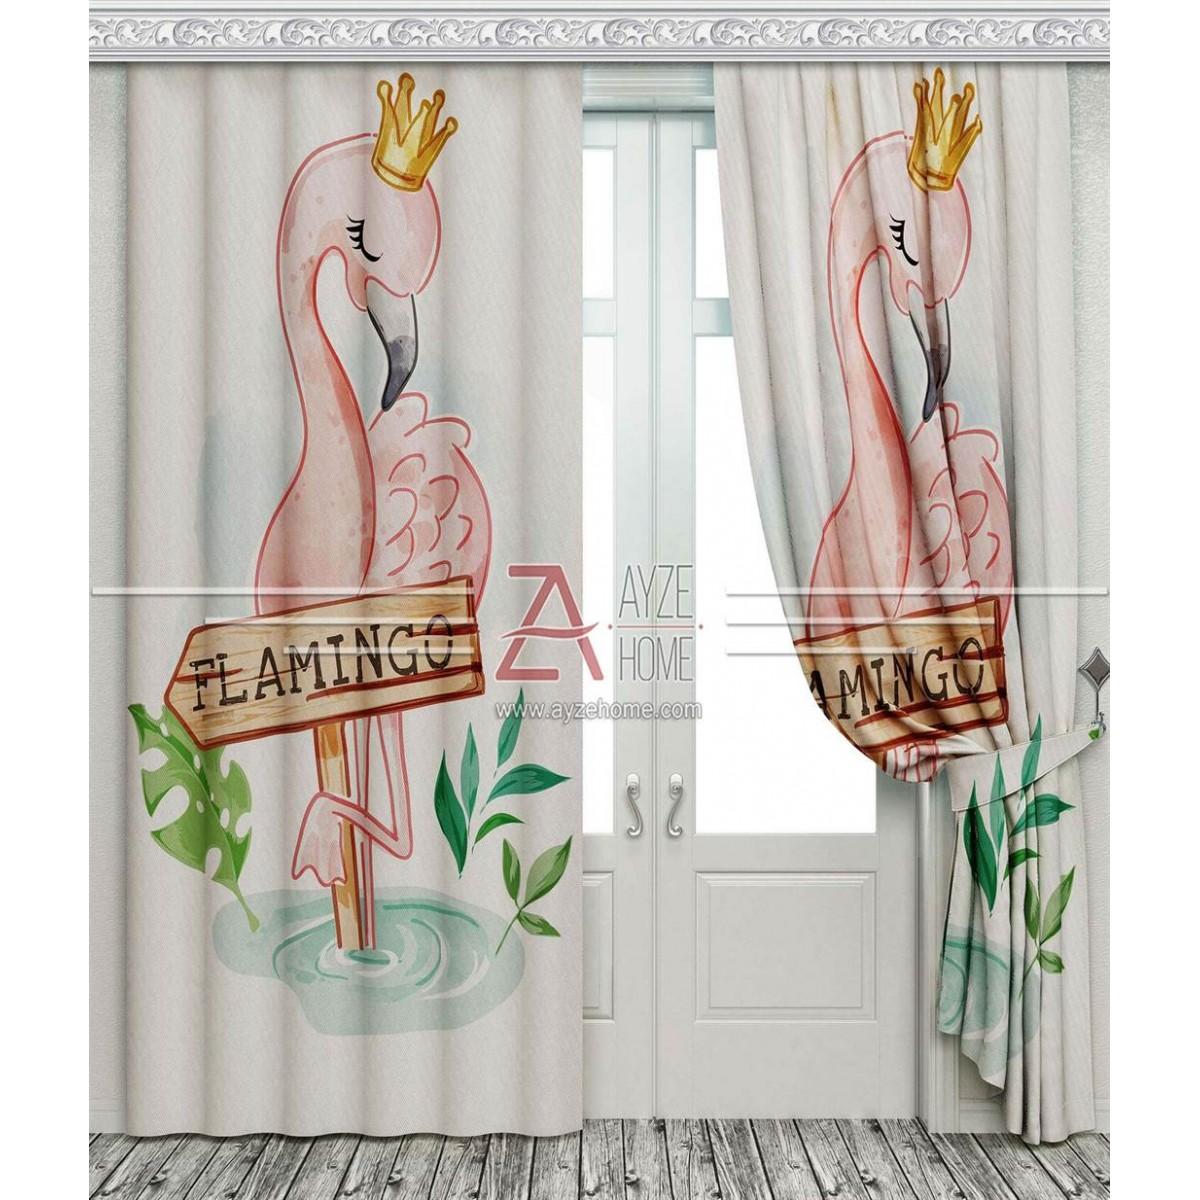 Çocuk Odası - Sevimli Flamingo - Baskılı Fon Perde